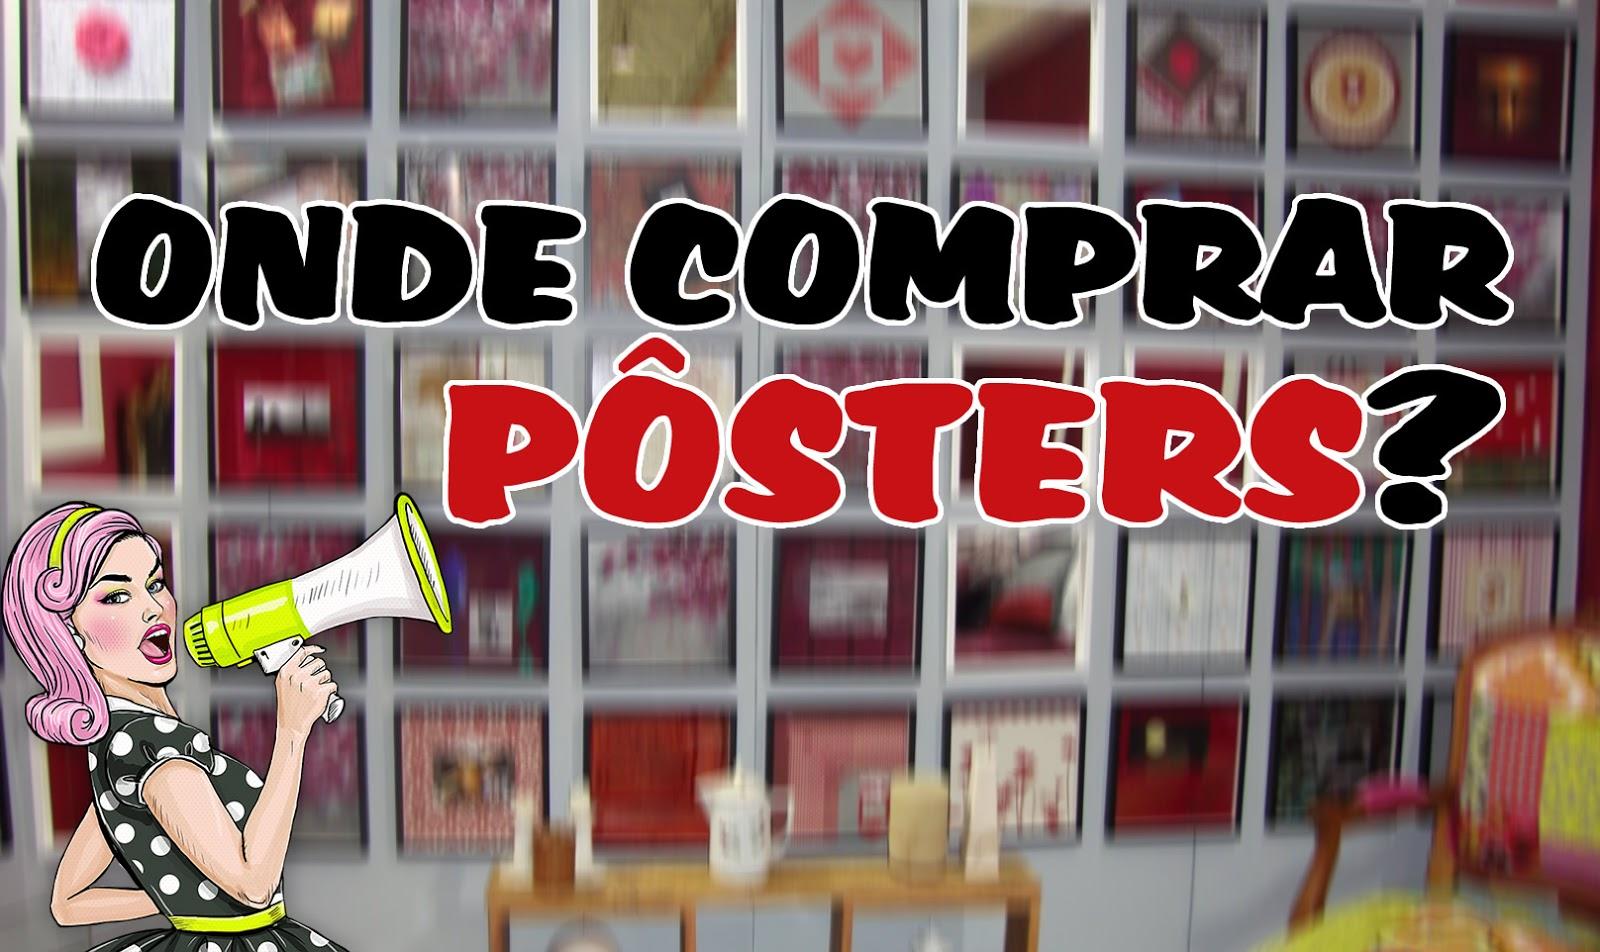 Compre aqui: CasualFreaks.com.br , poster de filmes e séries.